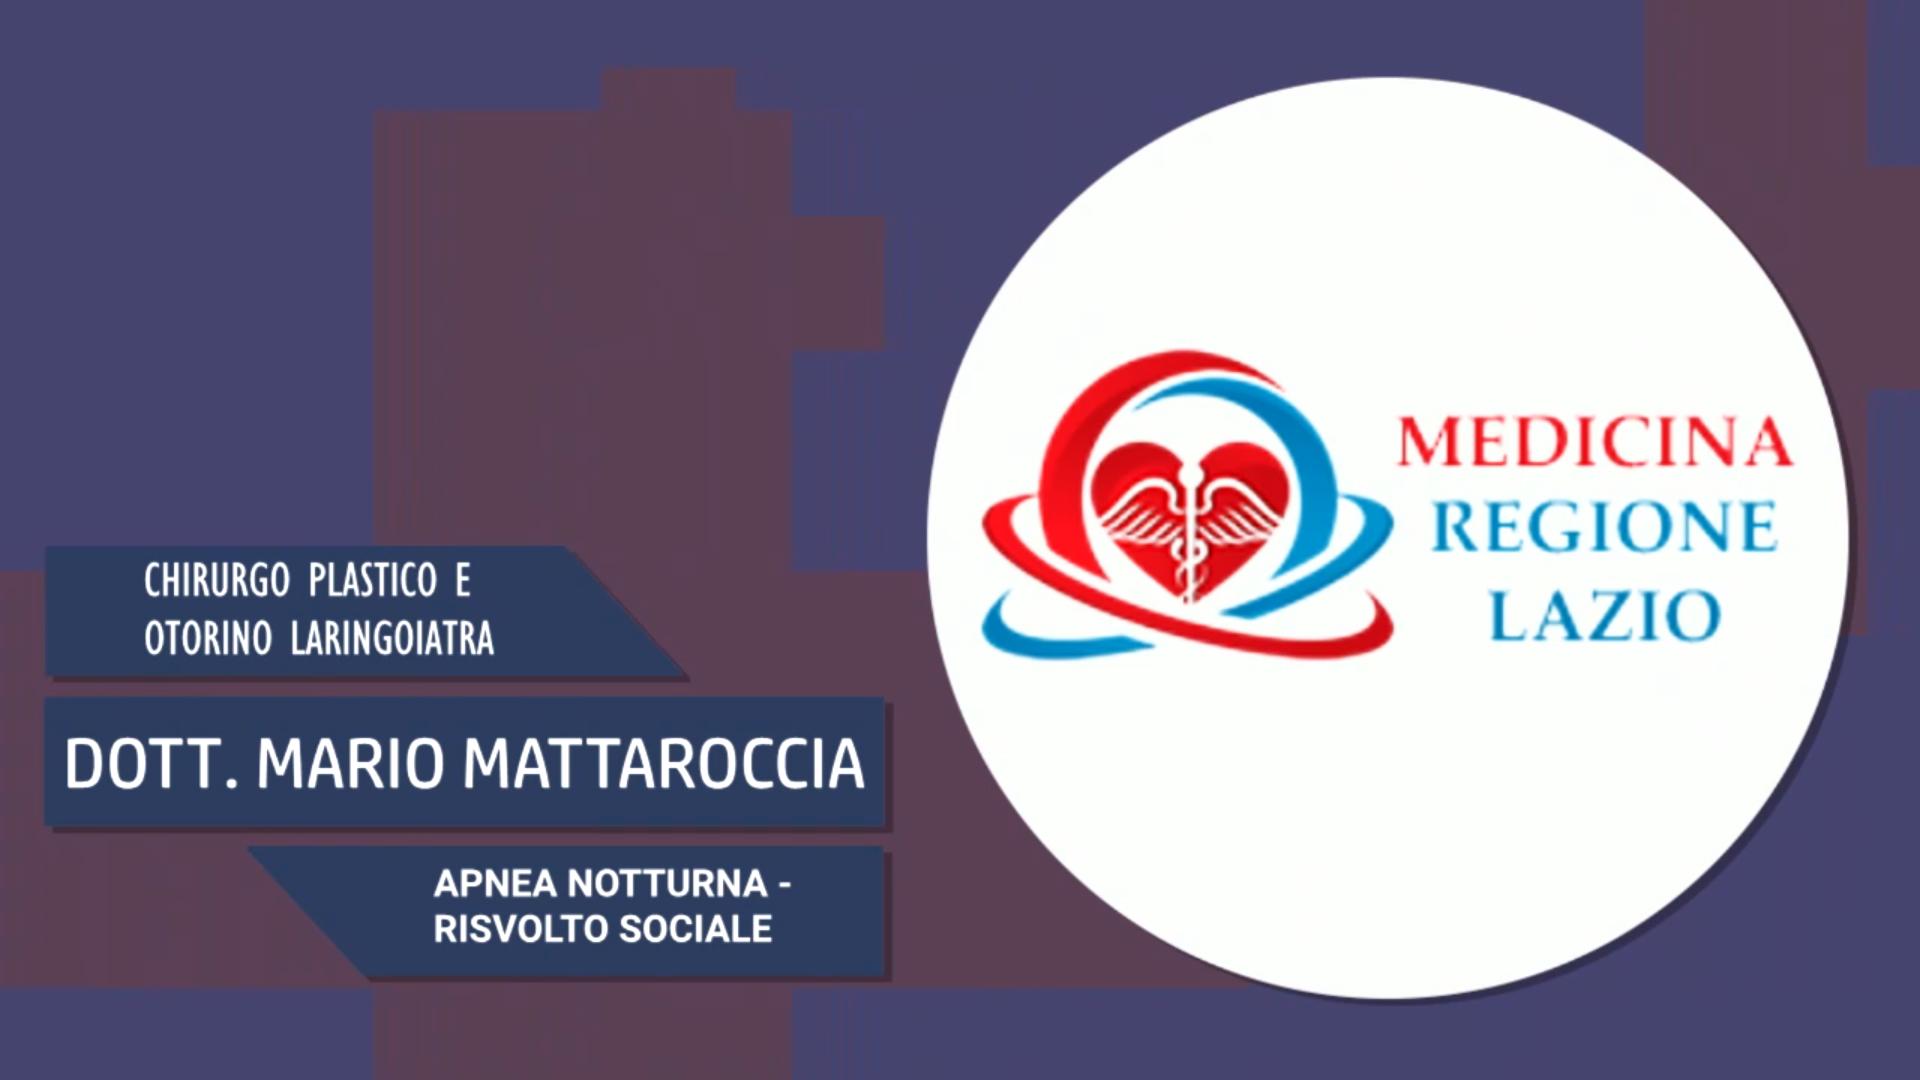 Intervista al Dott. Mario Mattaroccia – Apnea notturna